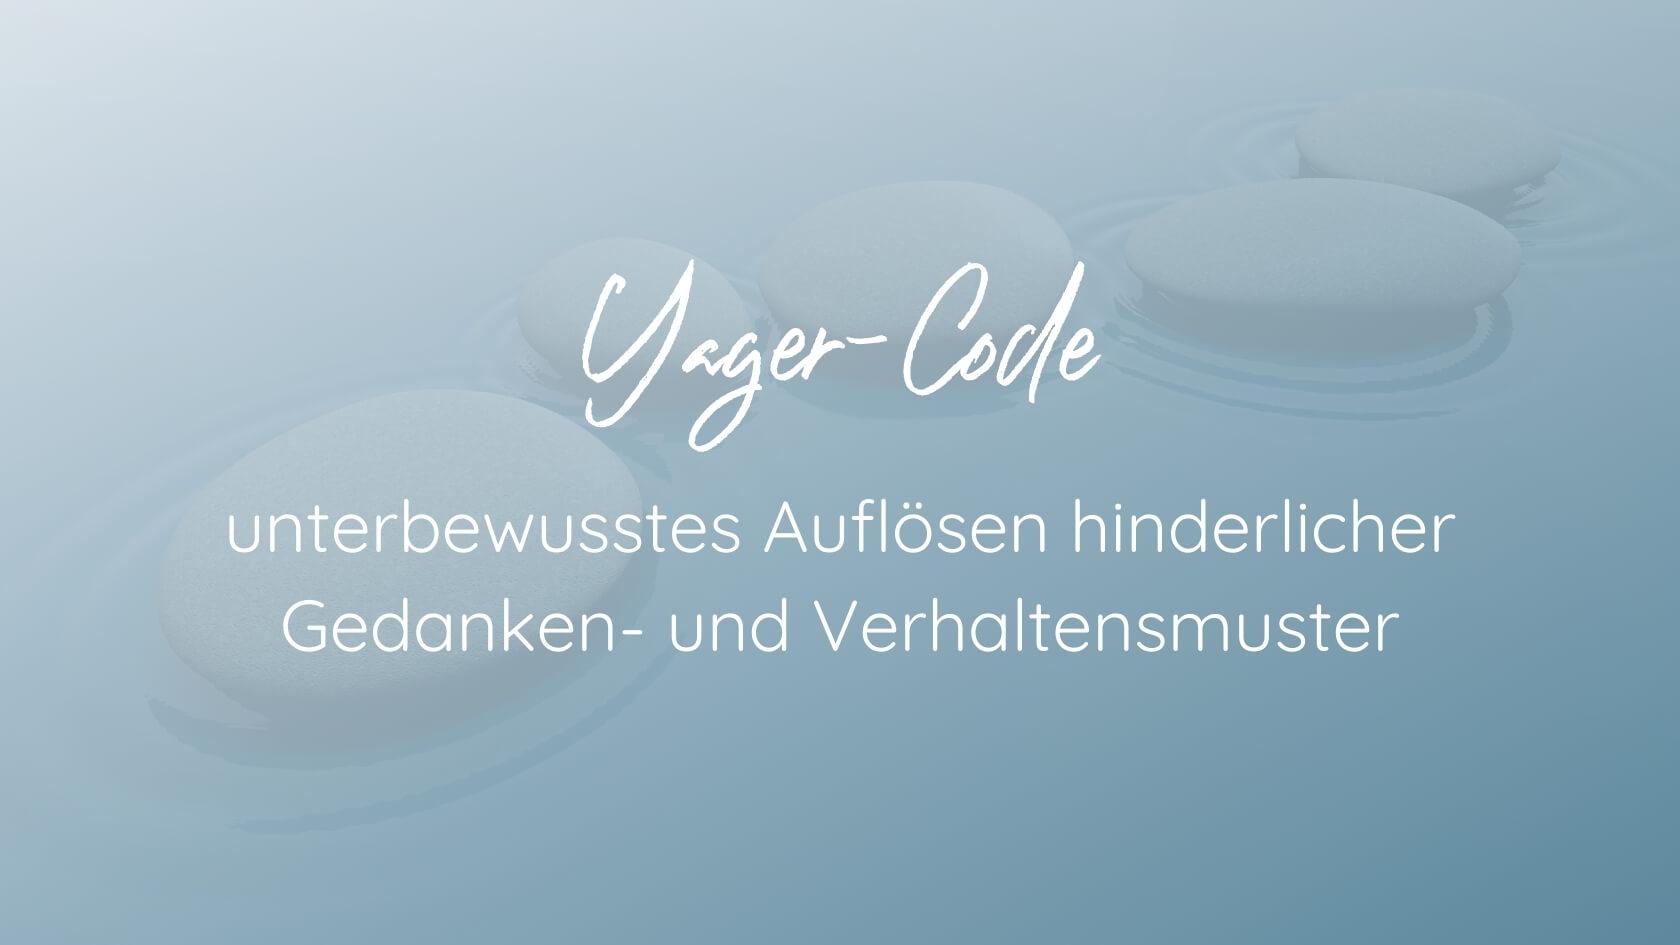 Yager-Code - unterbewusstes Auflösen hinderlicher Gedanken- und Verhaltensmuster